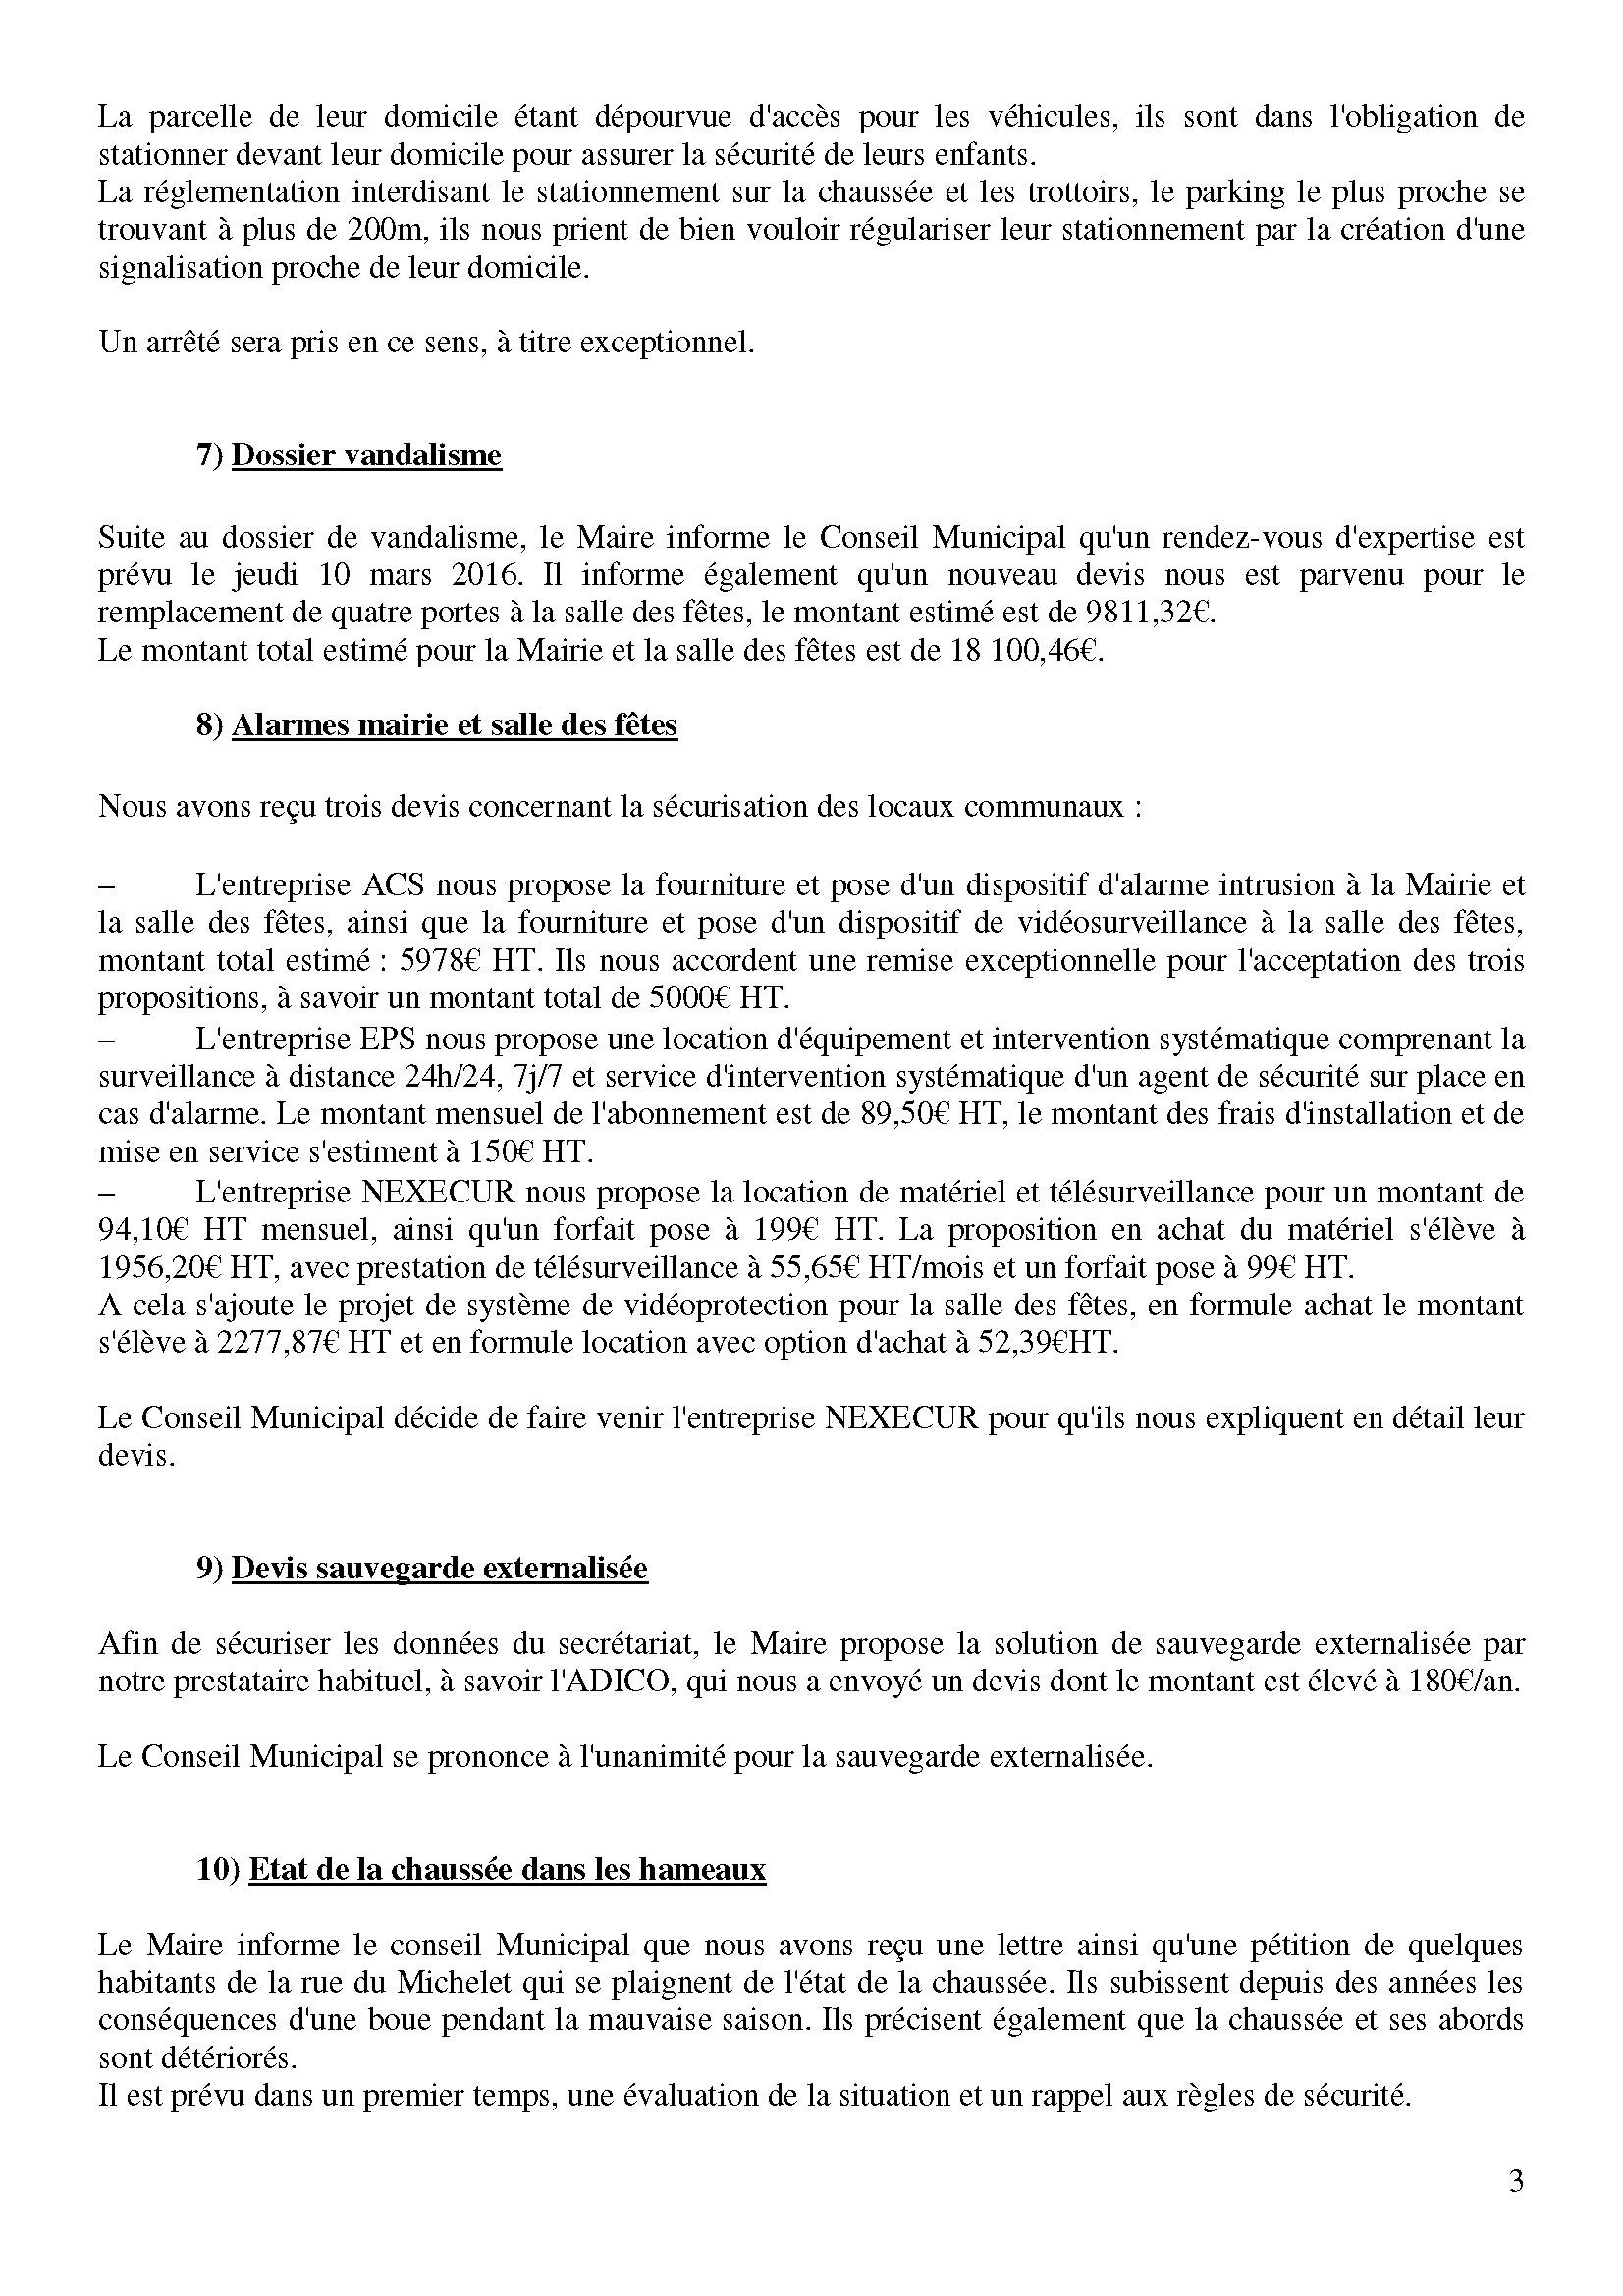 cr-du-26022016-page-3